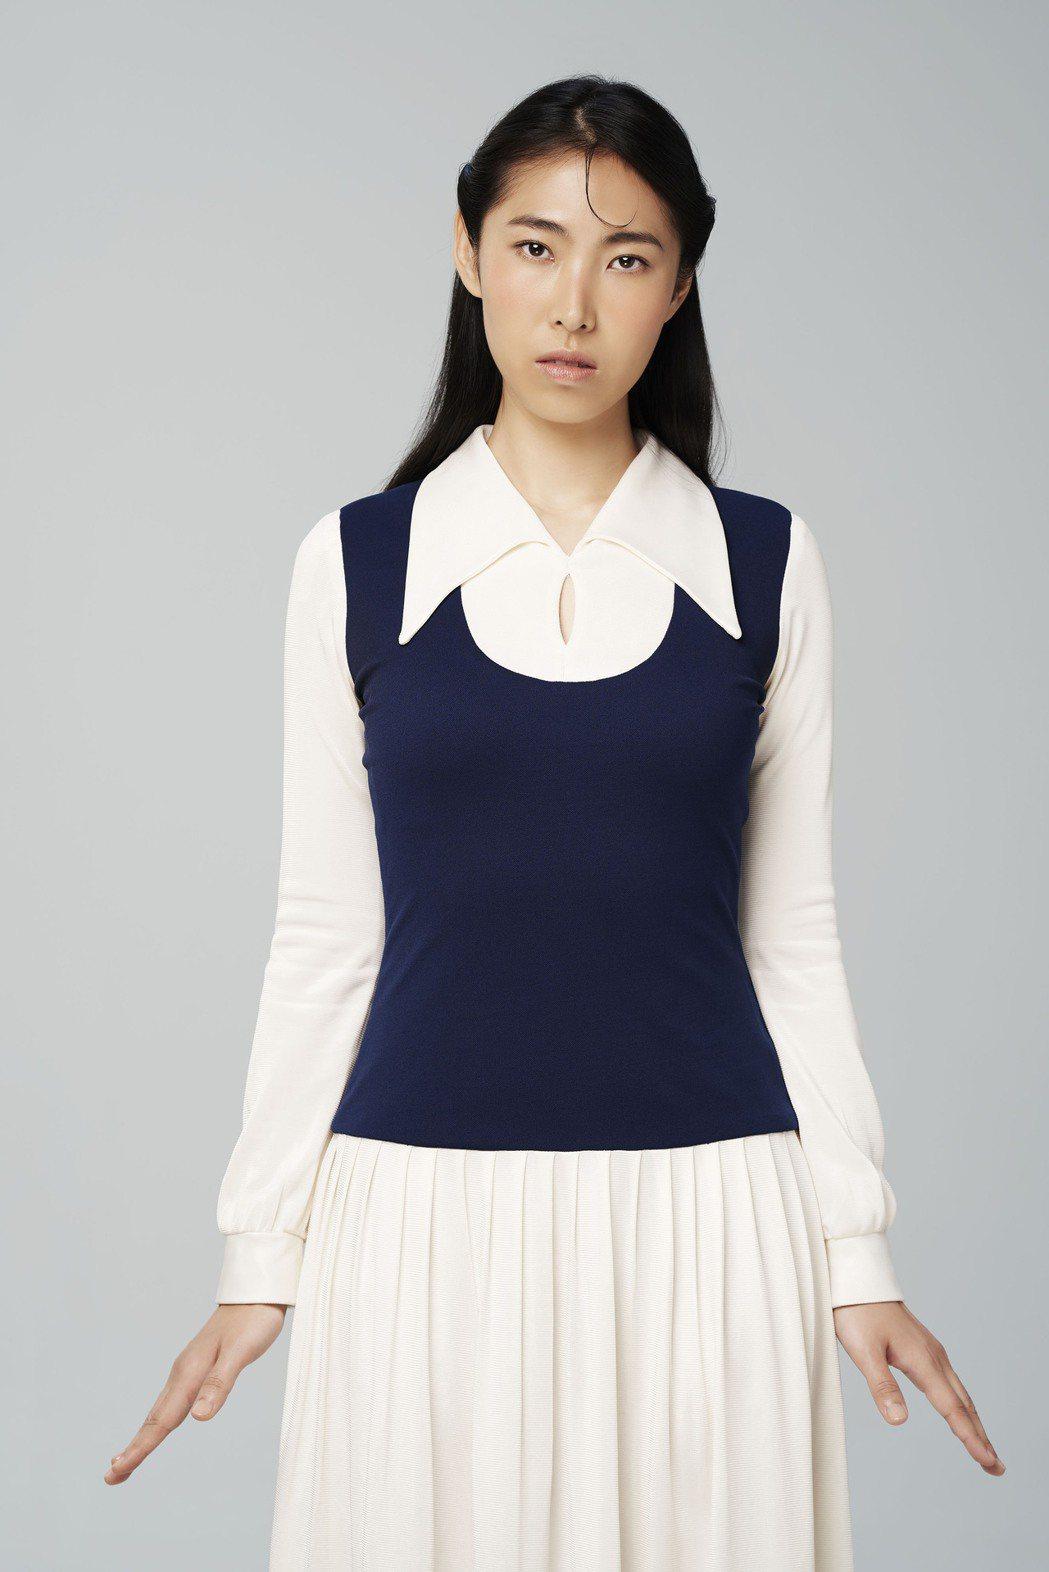 王若琳將登「都市女聲」舉辦專場演出,Live獻唱入圍本屆金曲獎5項大獎「愛的呼喚...